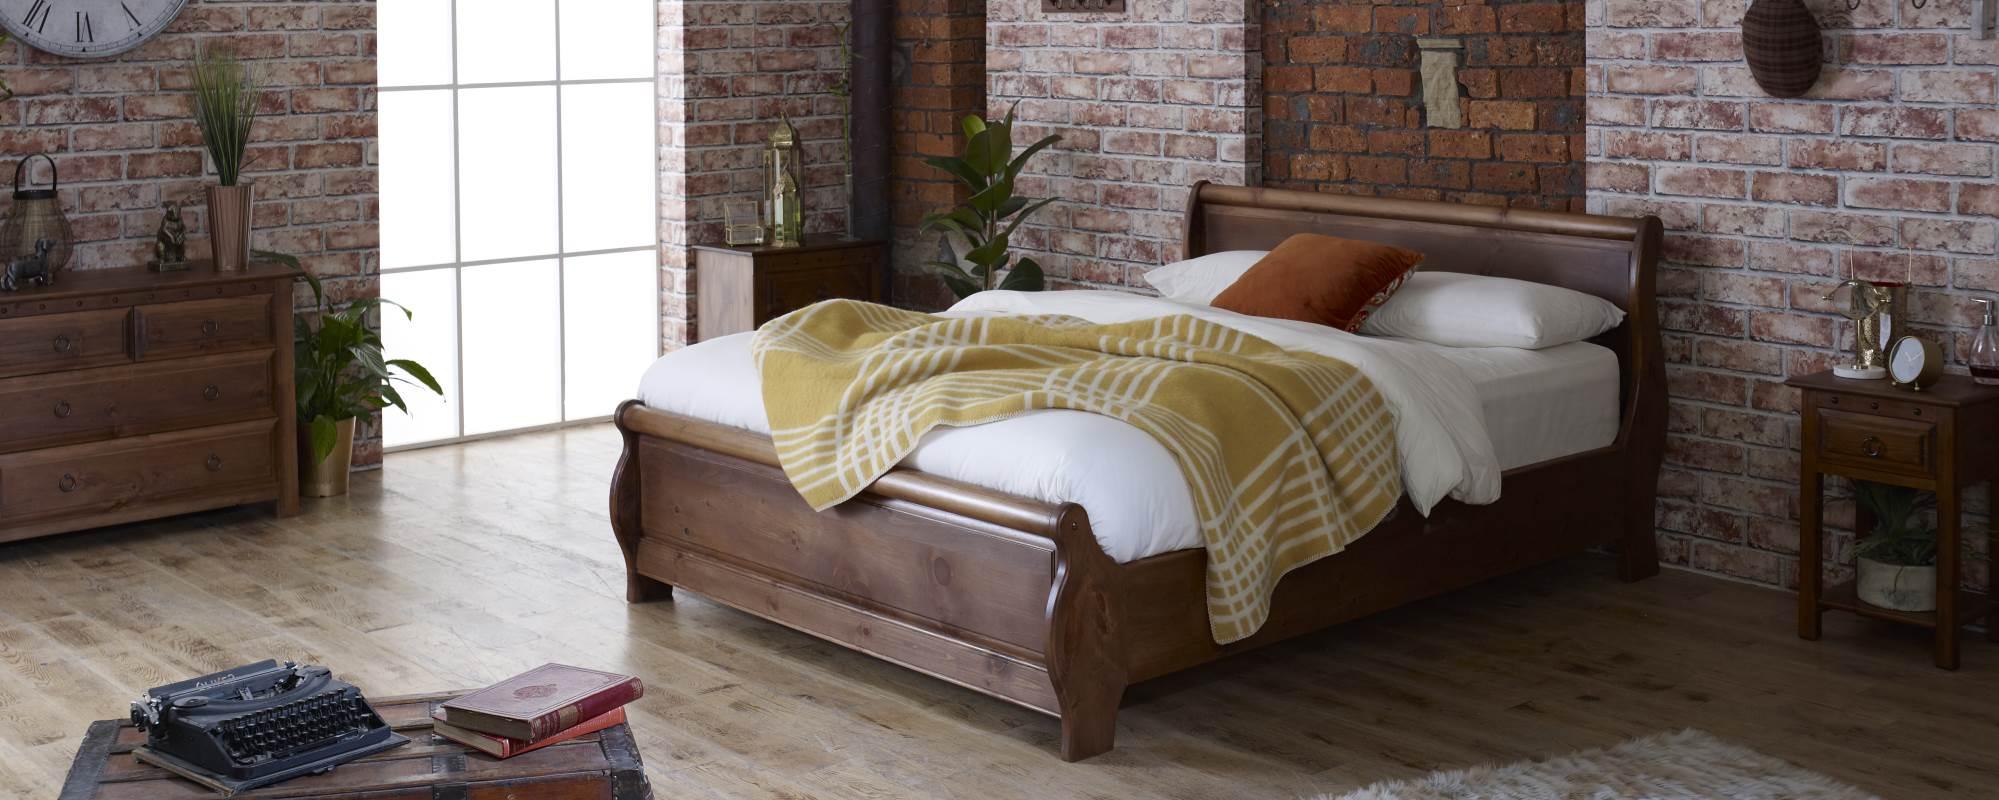 Metropolitan Bed Frames